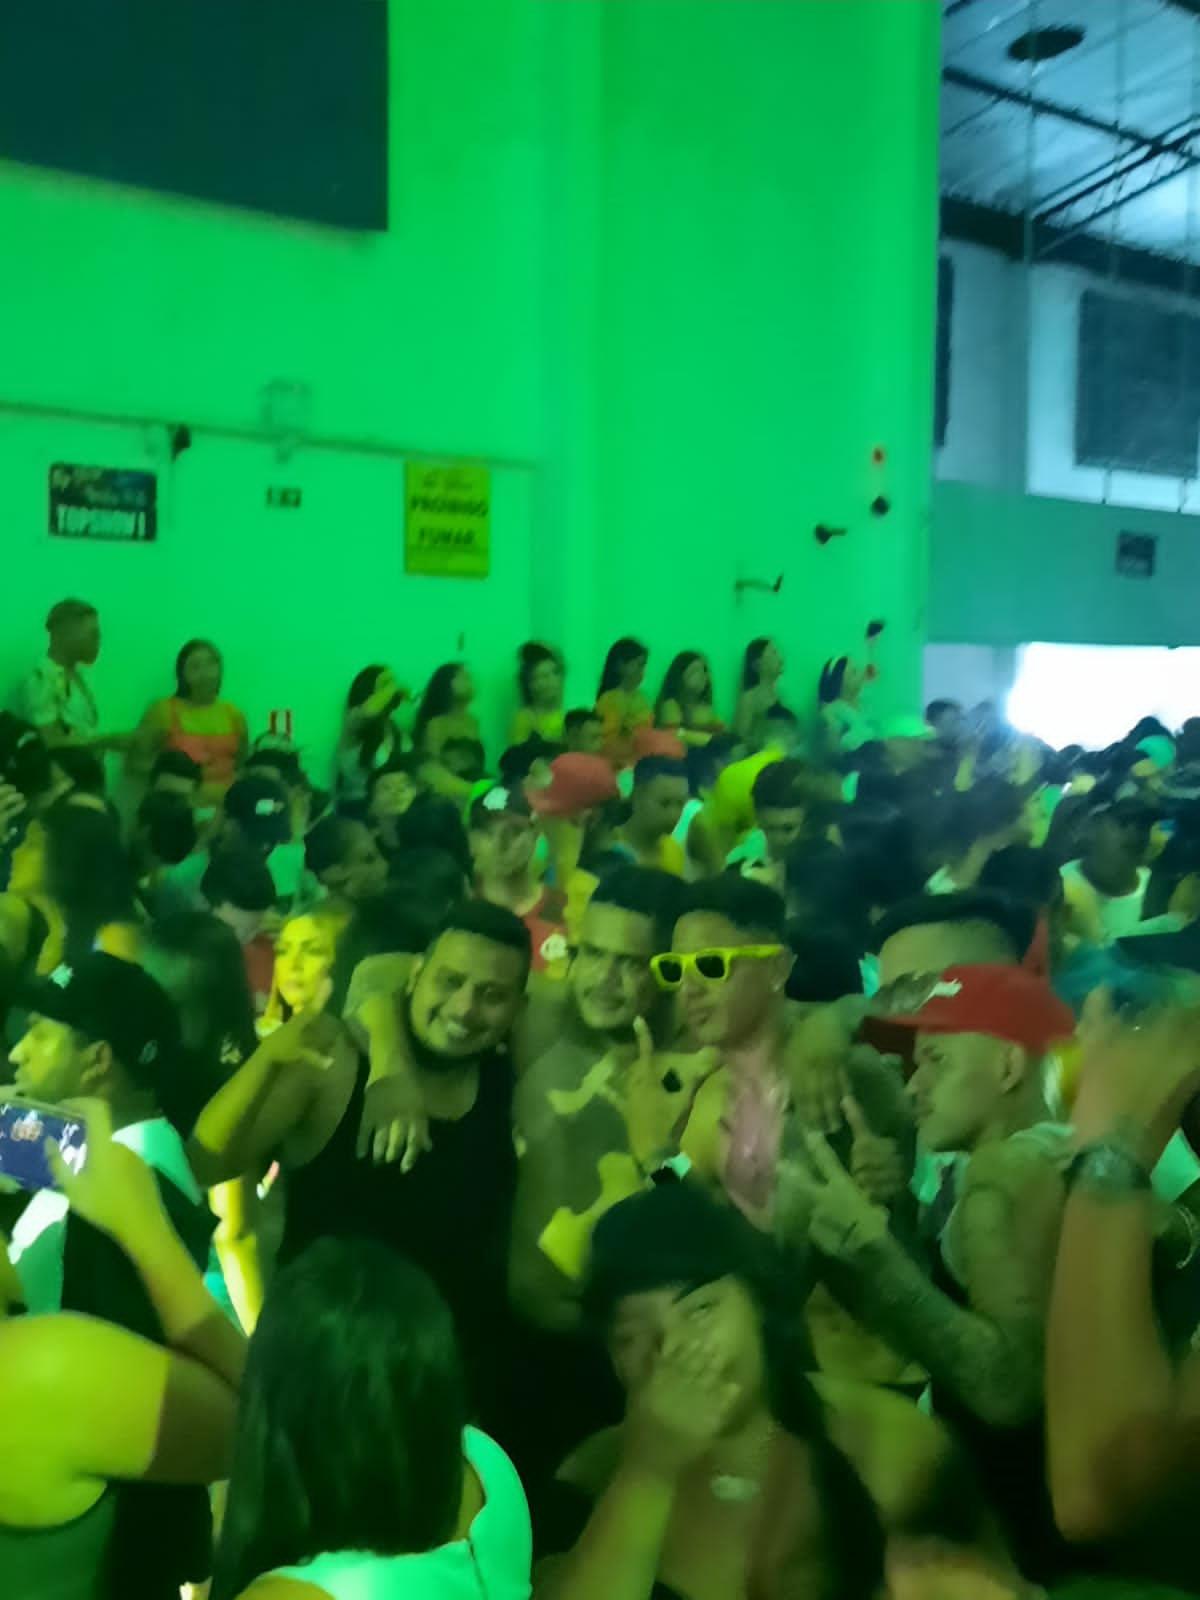 Atacante Thiago Miranda (de óculos amarelo), também esteve em festa no final de semana e será punido pelo Remo